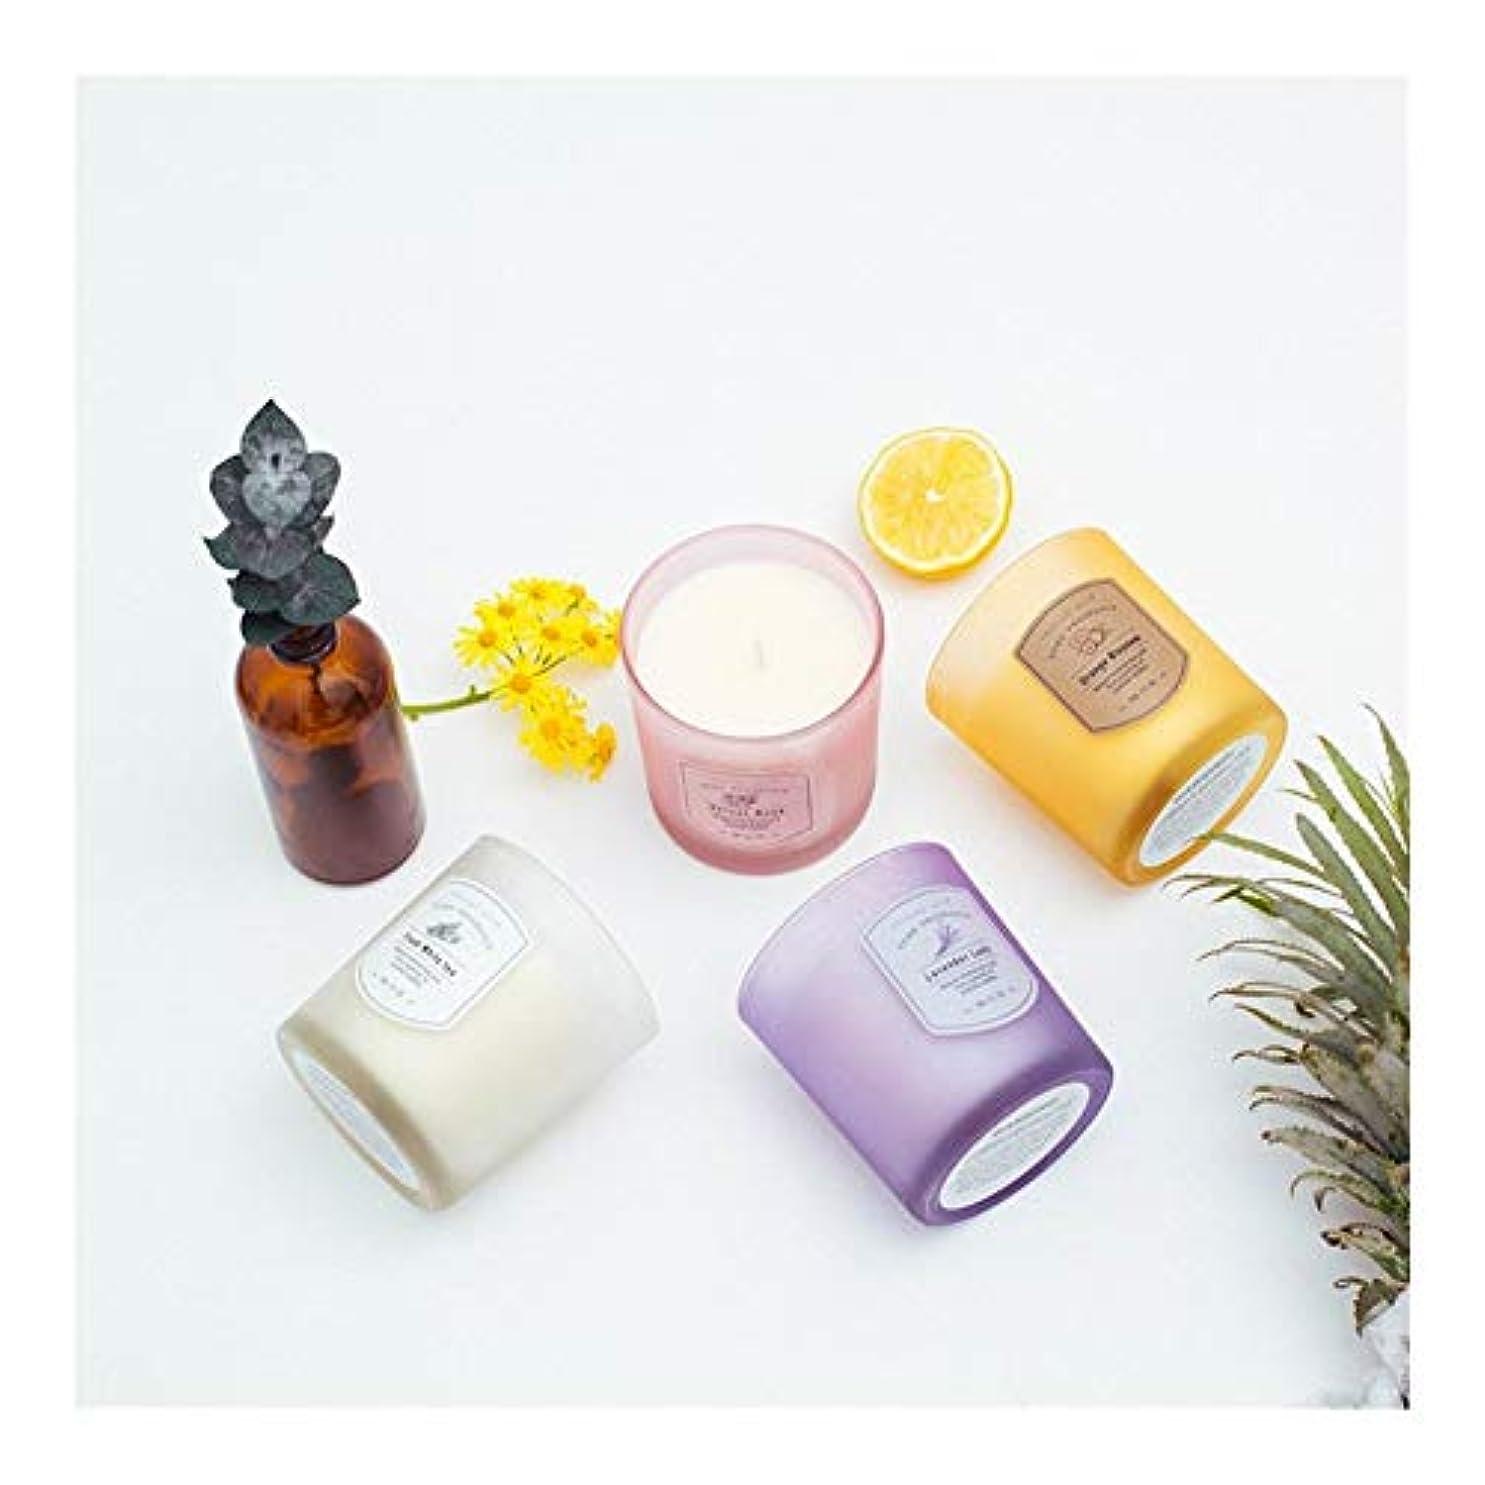 静かに剃る満足させるGuomao ガラスキャンドルキャンドルセット無煙フレグランスジュエリーホームアクセサリー (色 : Purple lavender)